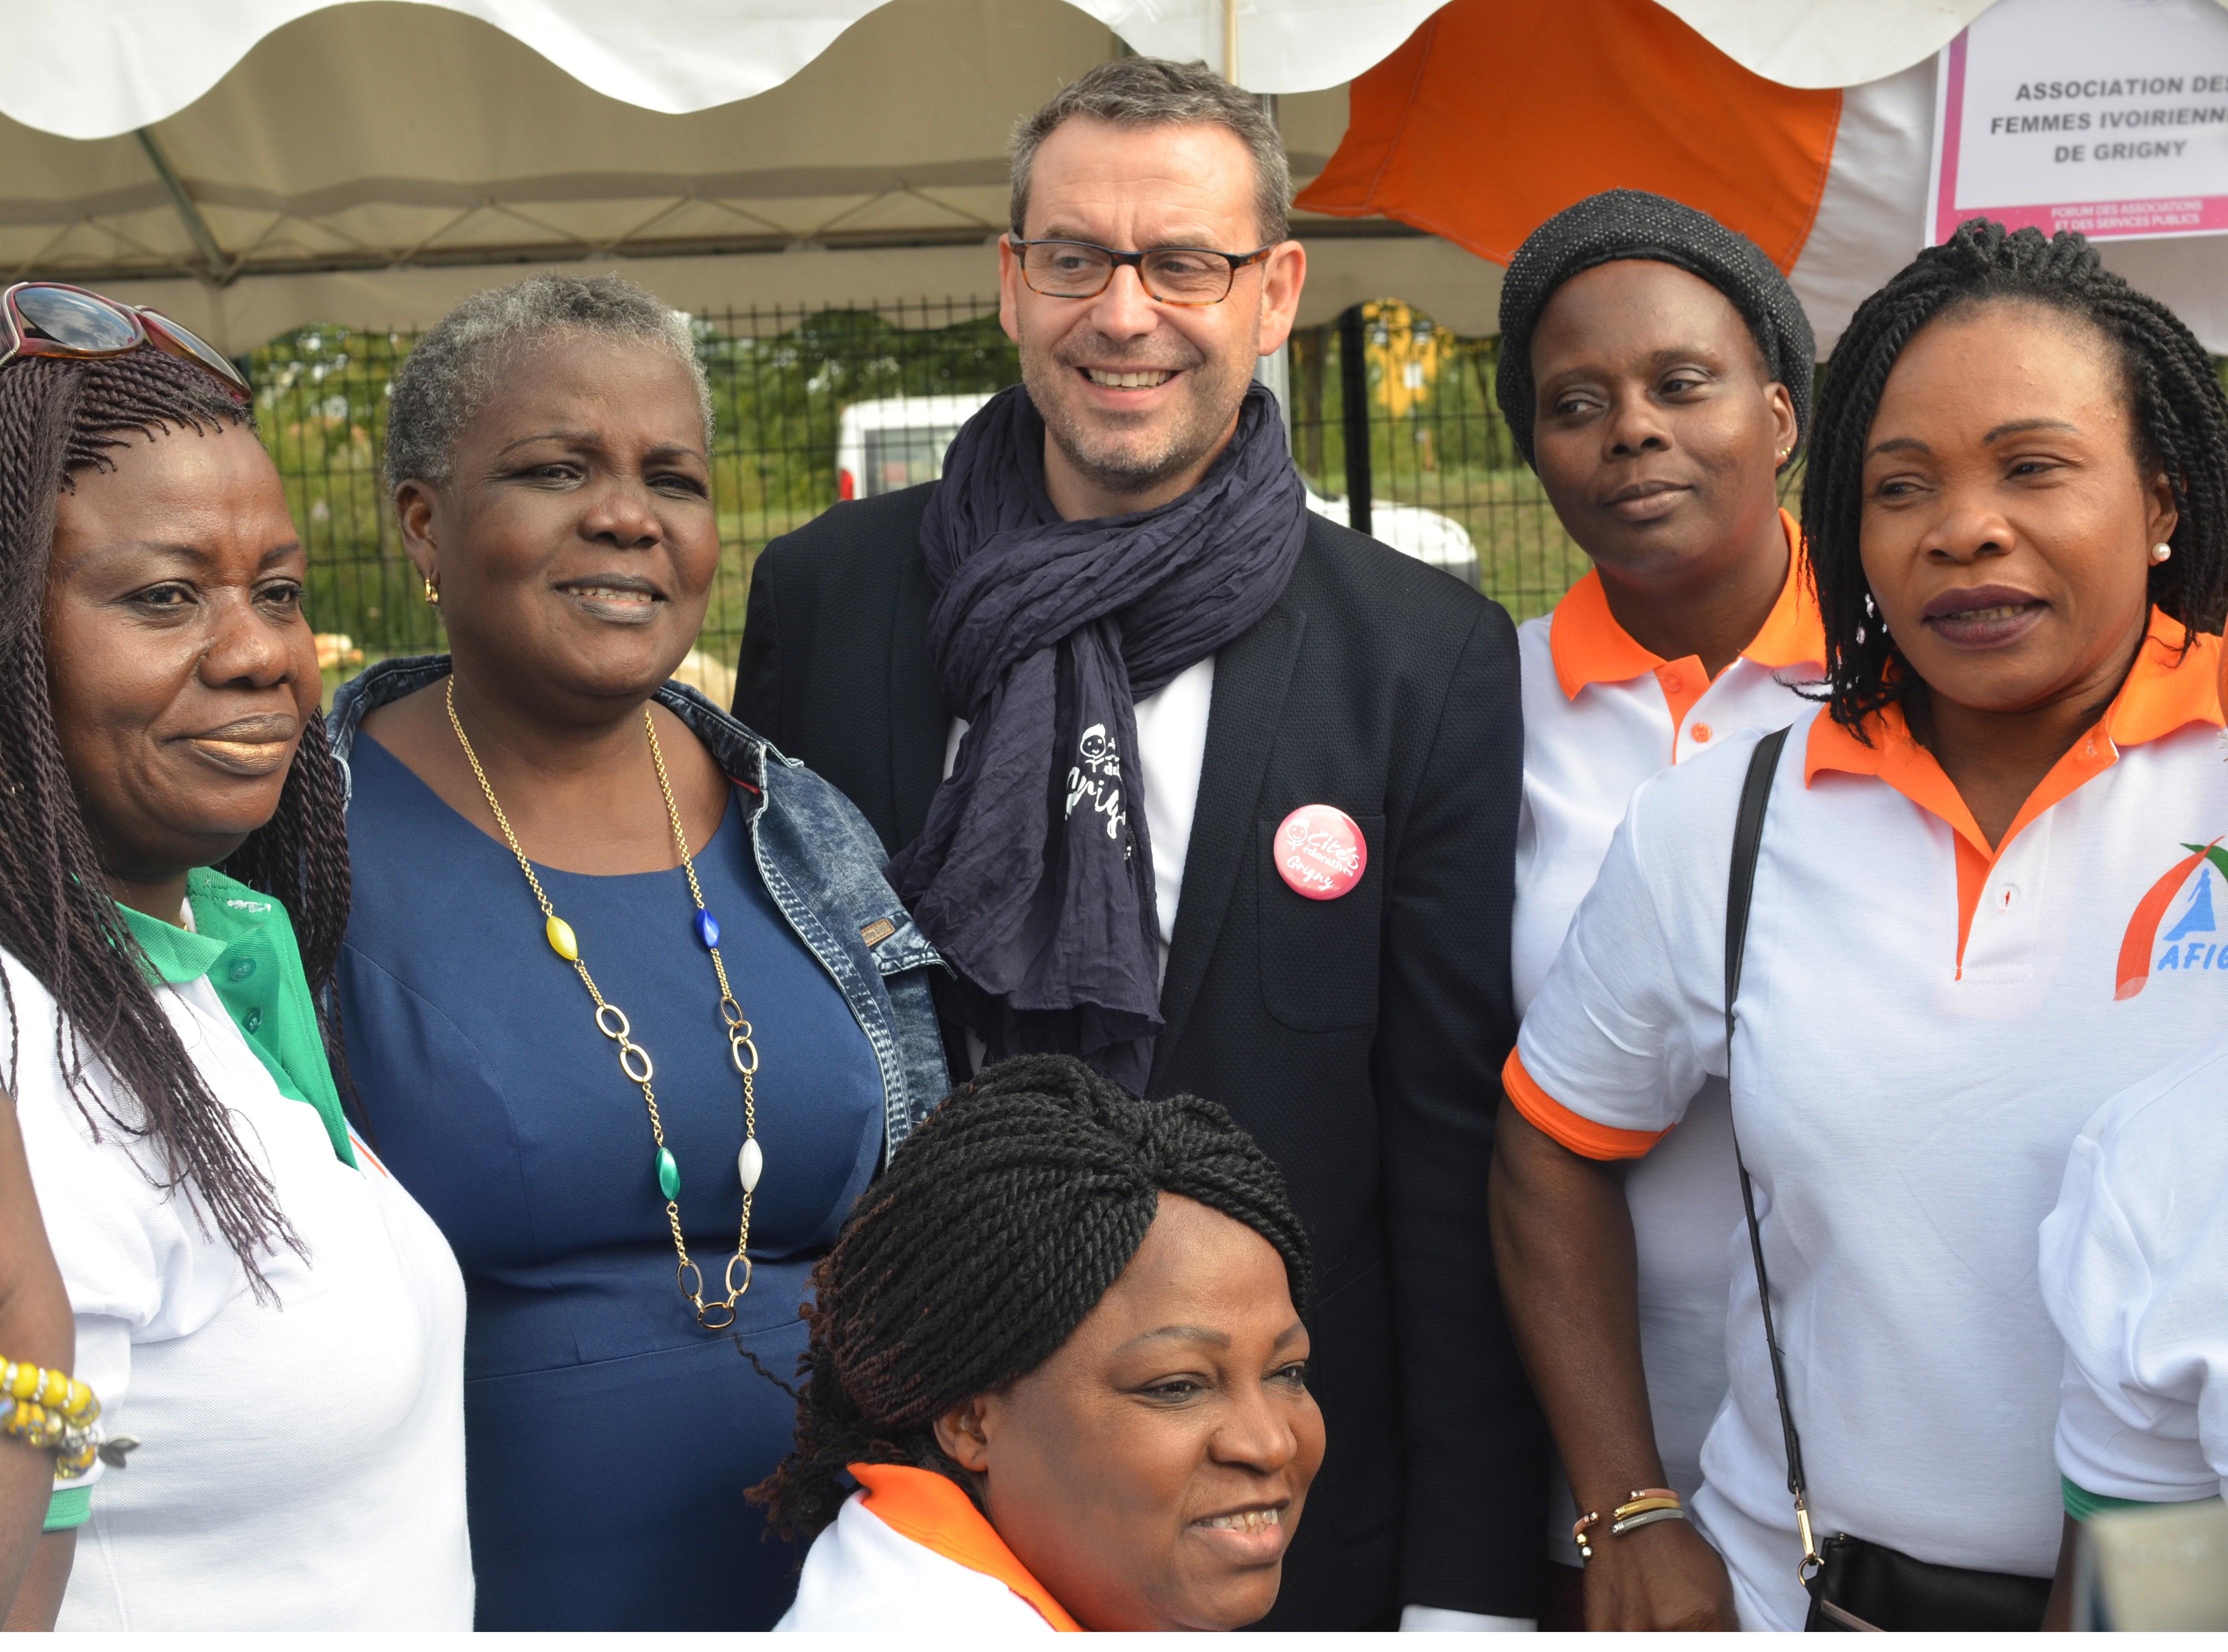 Changer le regard sur les banlieues pour retrouver le goût de vivre ensemble - Édito de Philippe Rio, maire de Grigny (91)